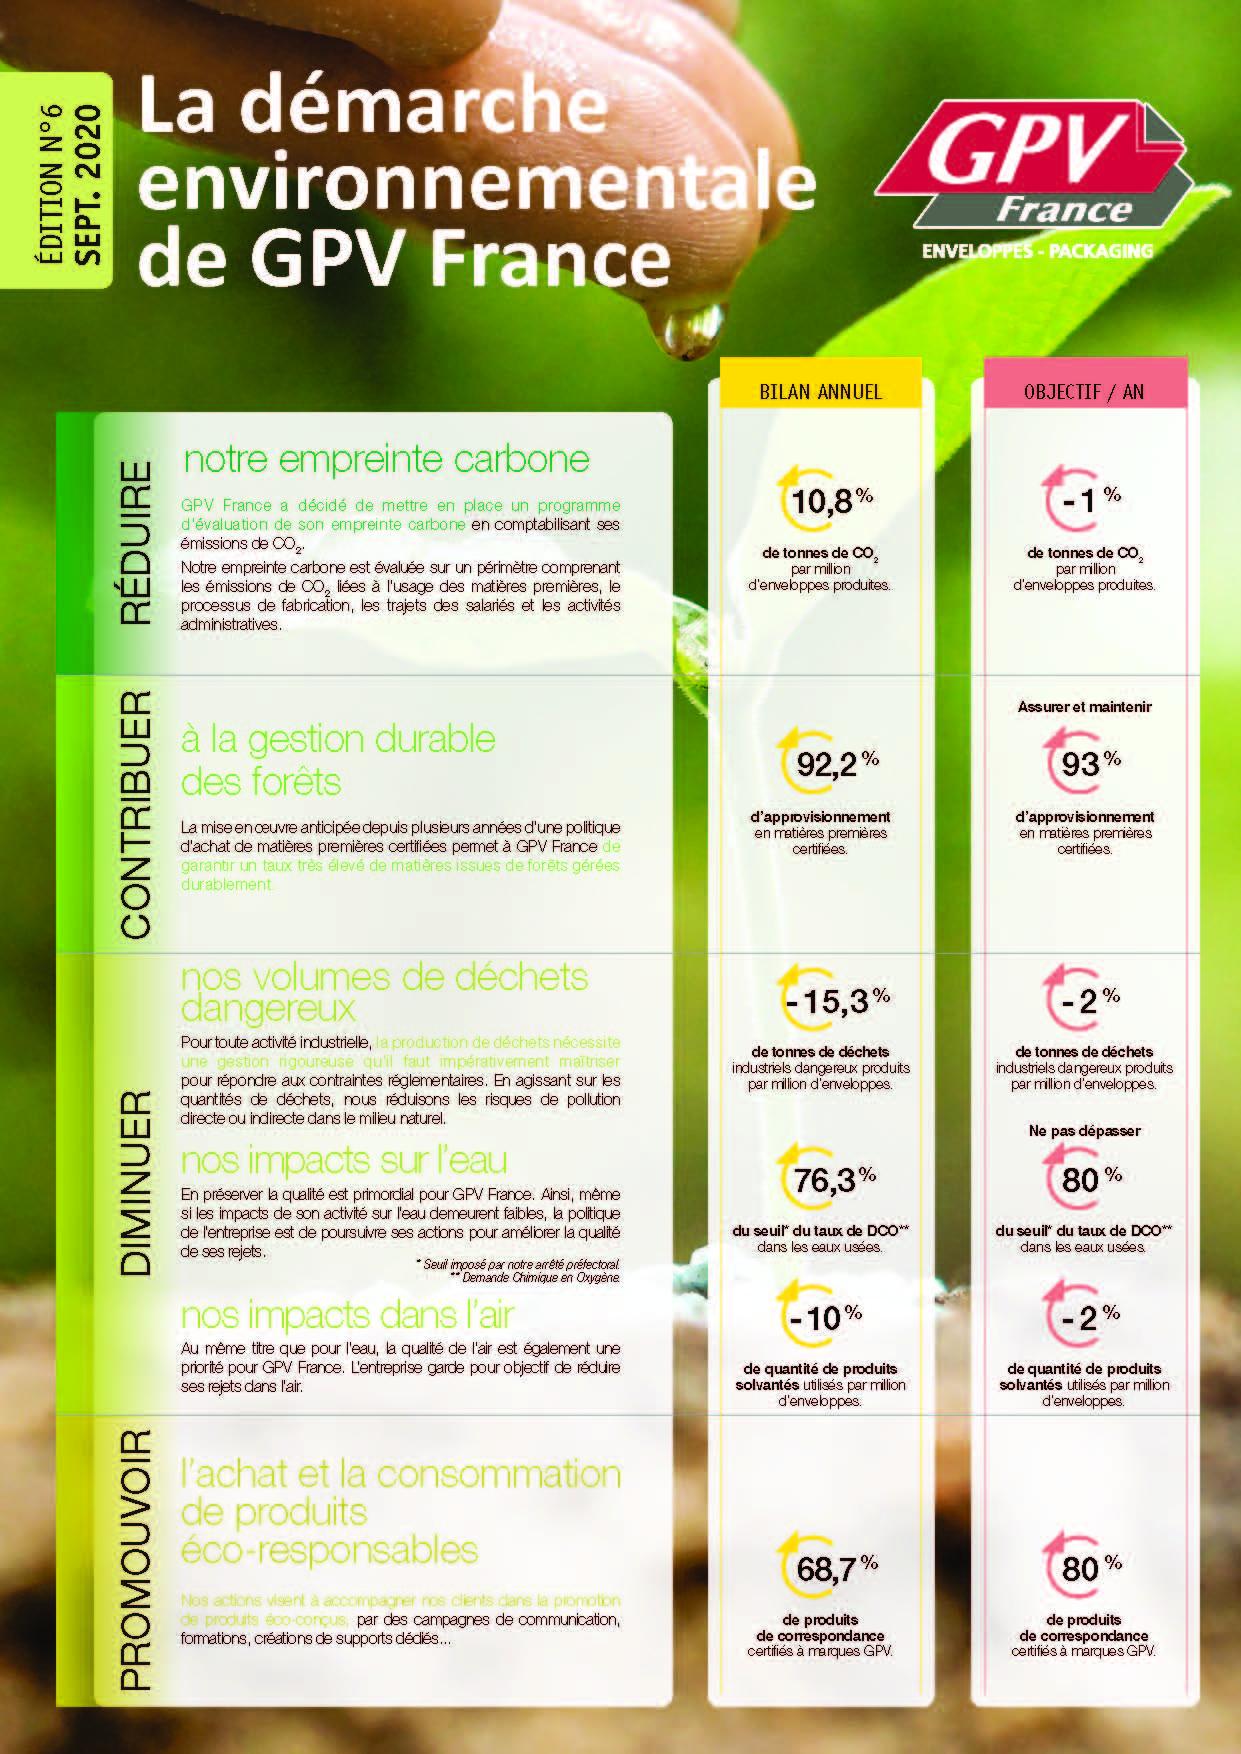 Démarche environnementale GPV France